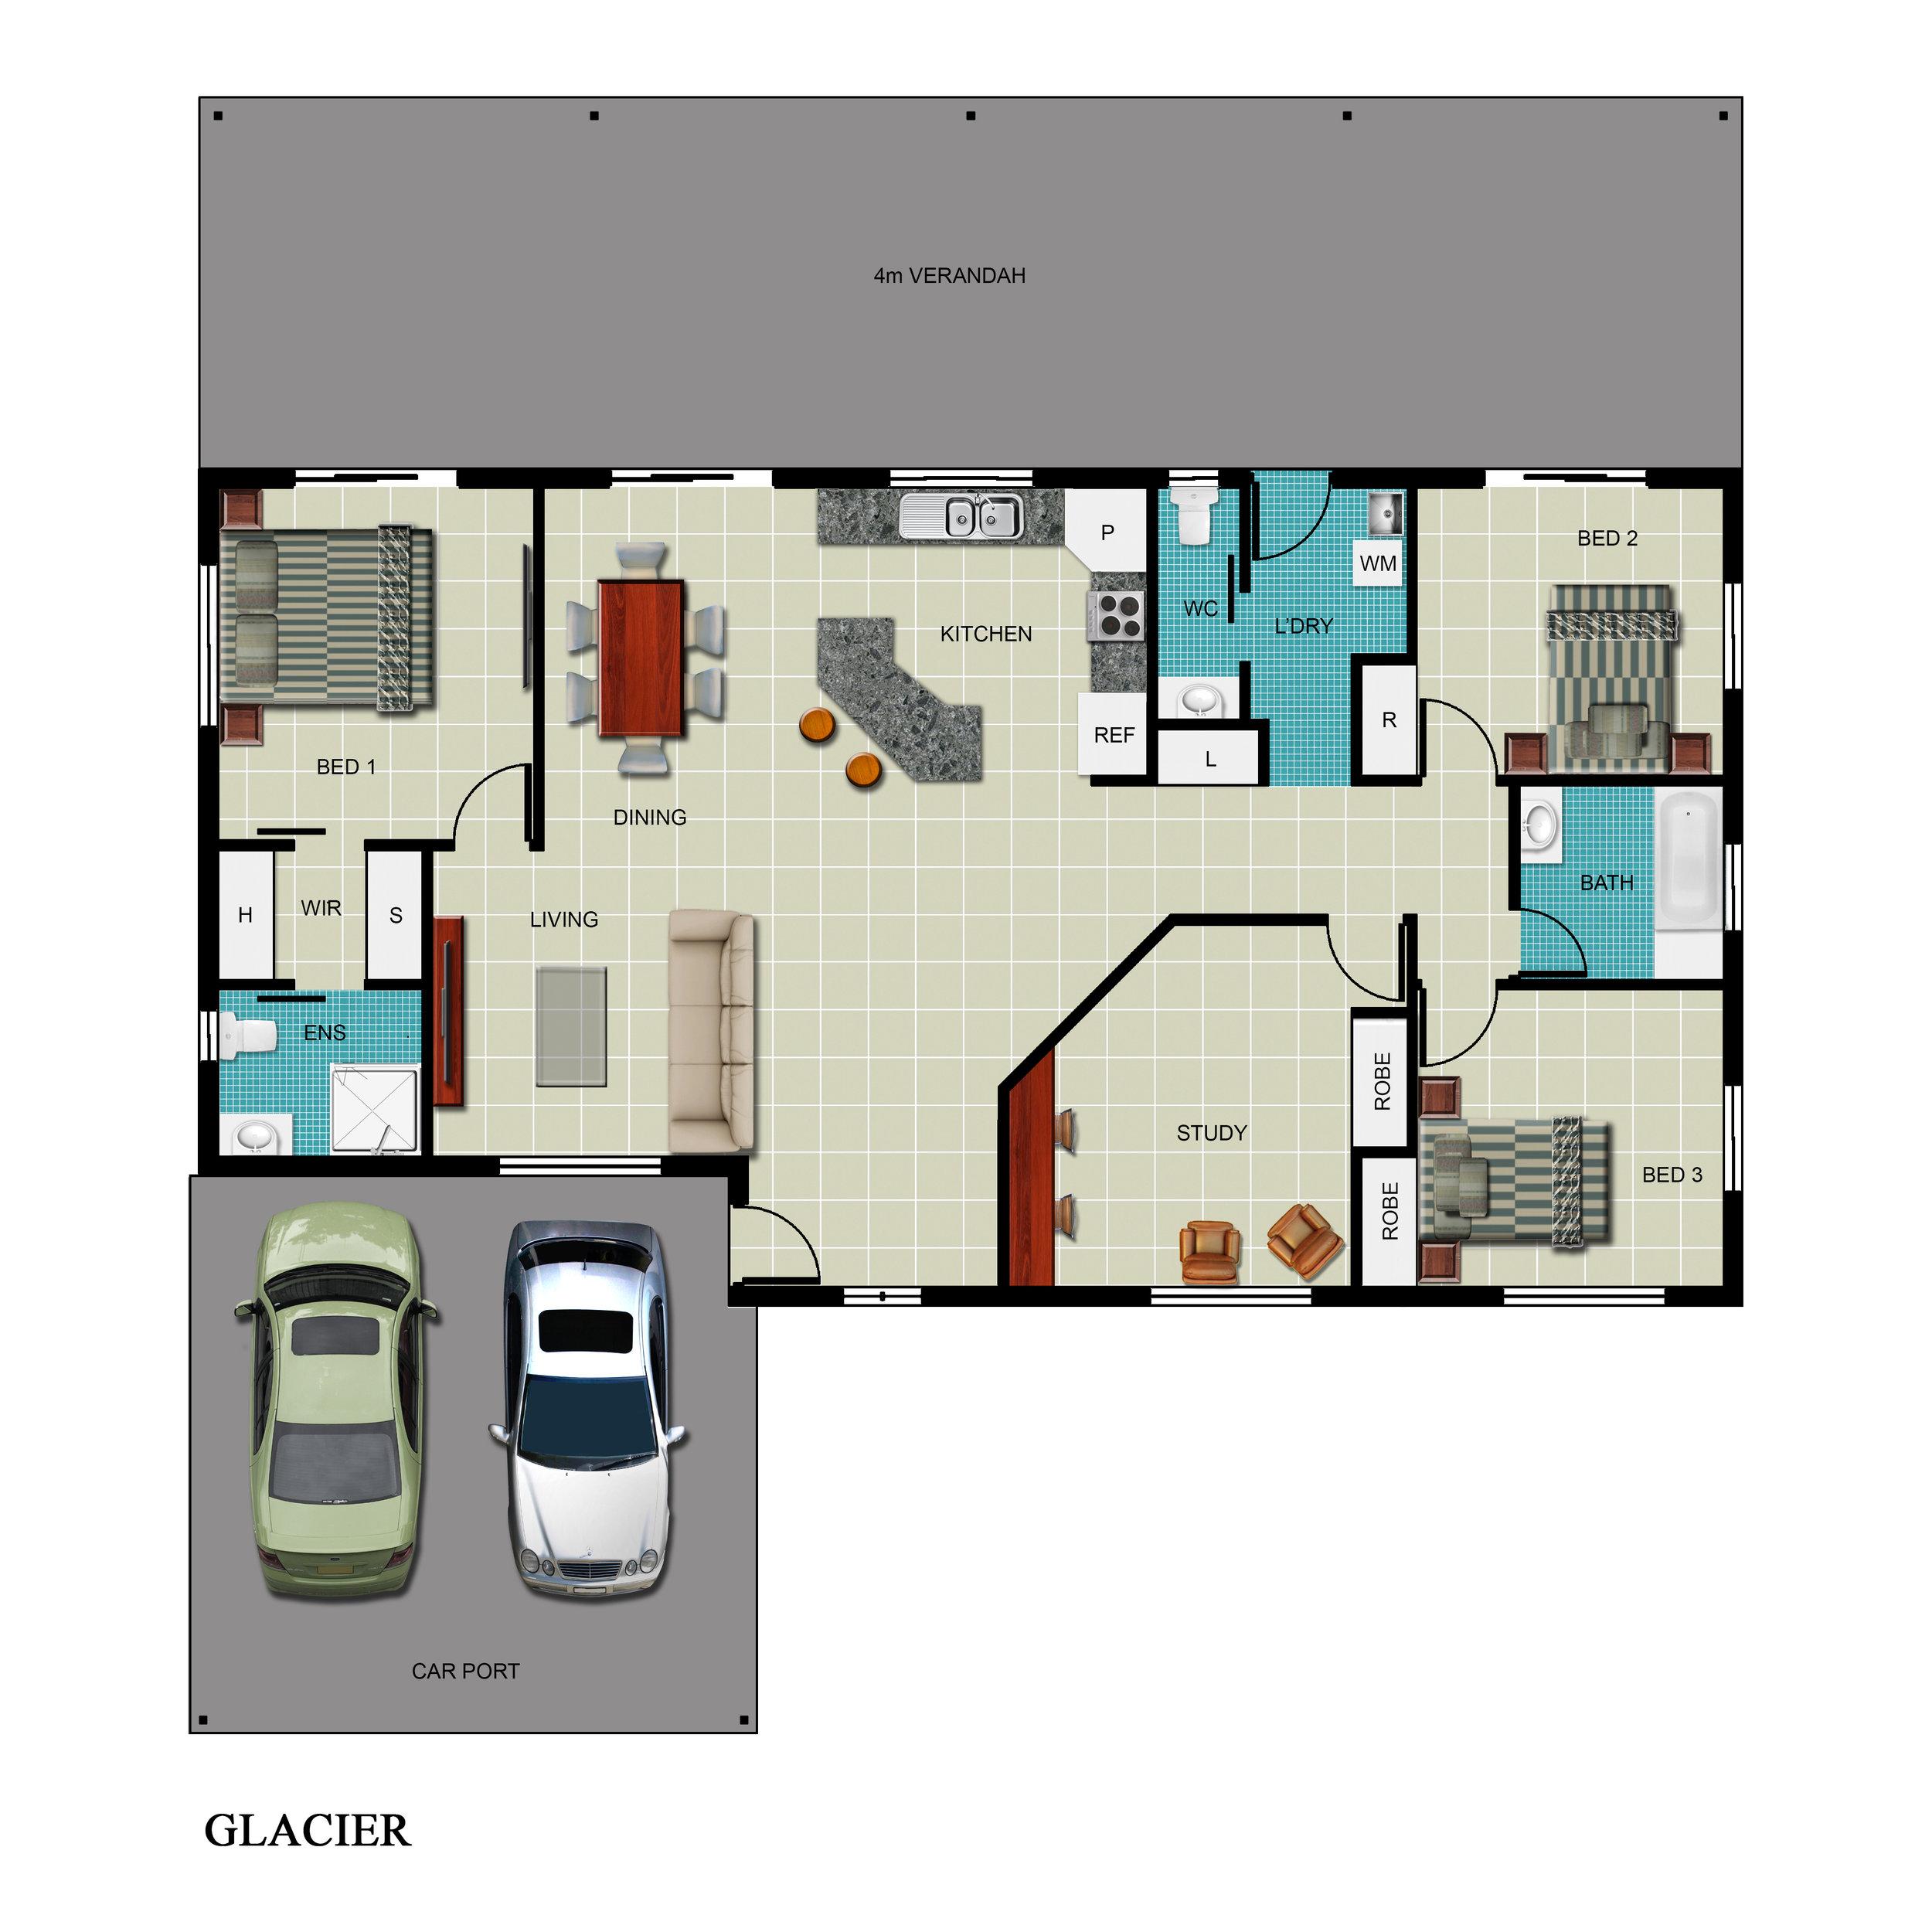 Glacier Floor Plan